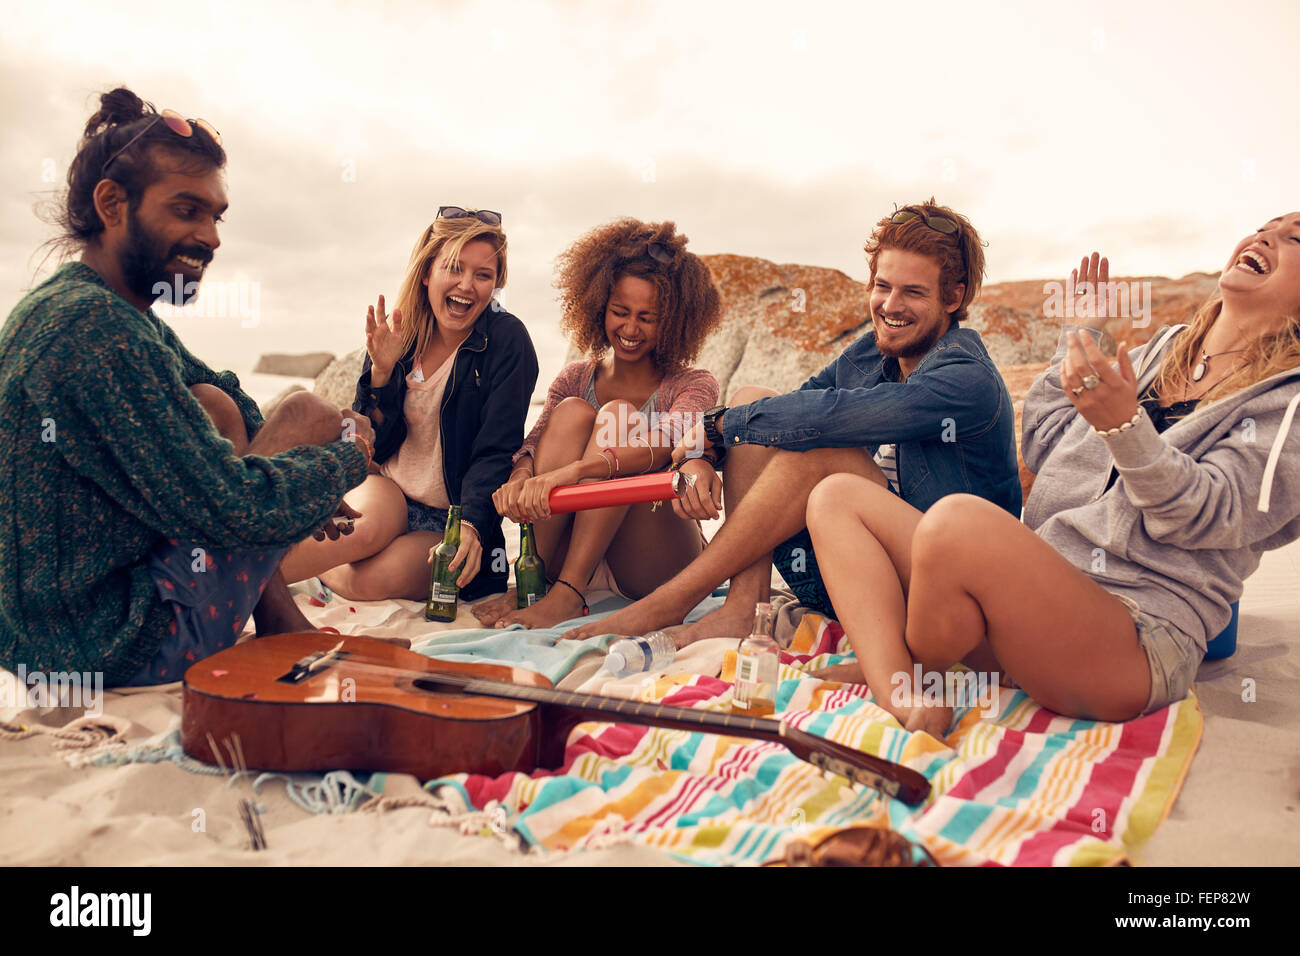 Grupo de jóvenes amigos celebrando en una fiesta en la playa juntos. Jóvenes que tienen la celebración Imagen De Stock